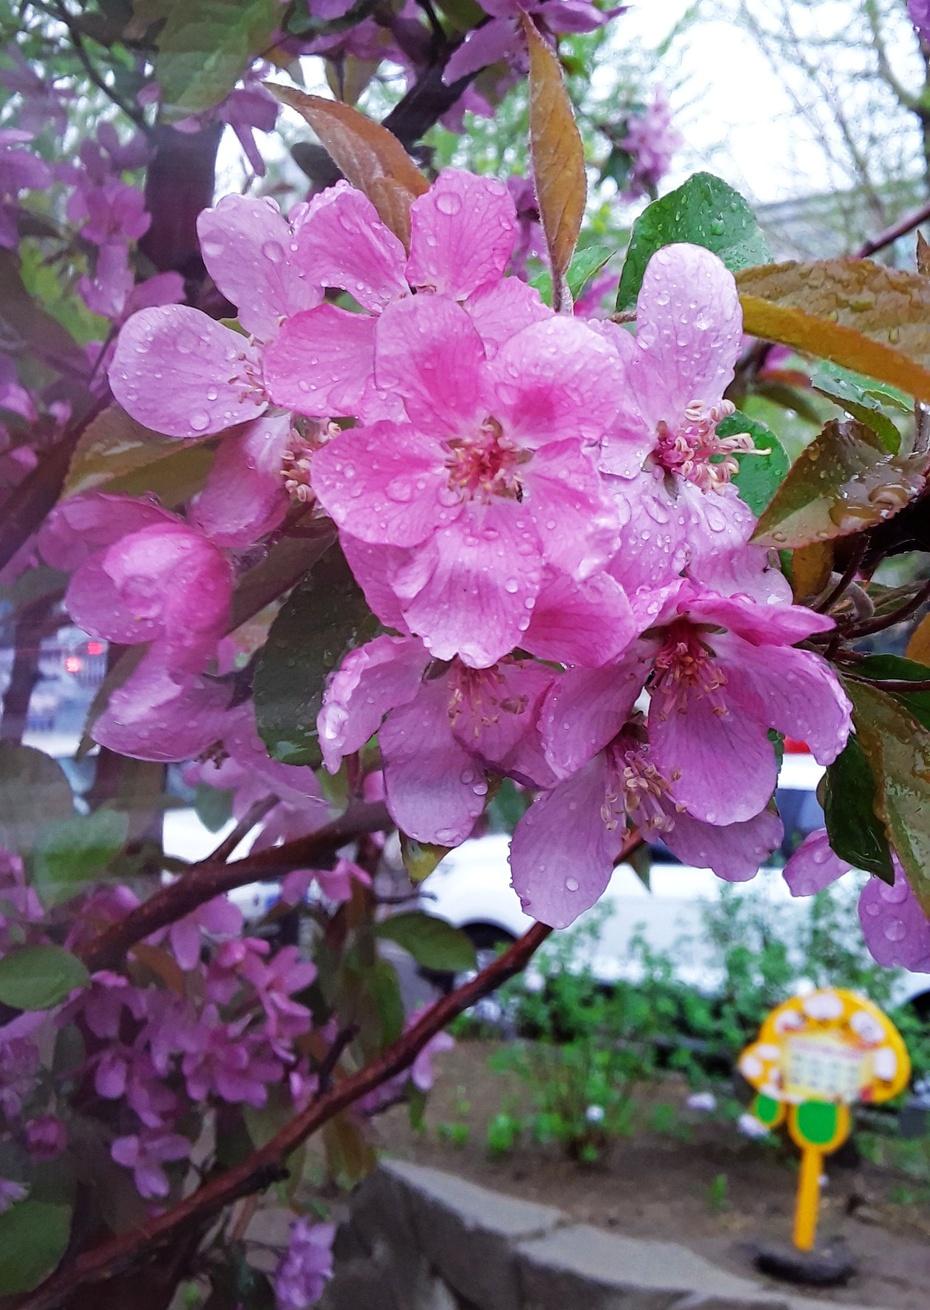 雨中桃花及其它 - 淡淡云 - 淡淡云